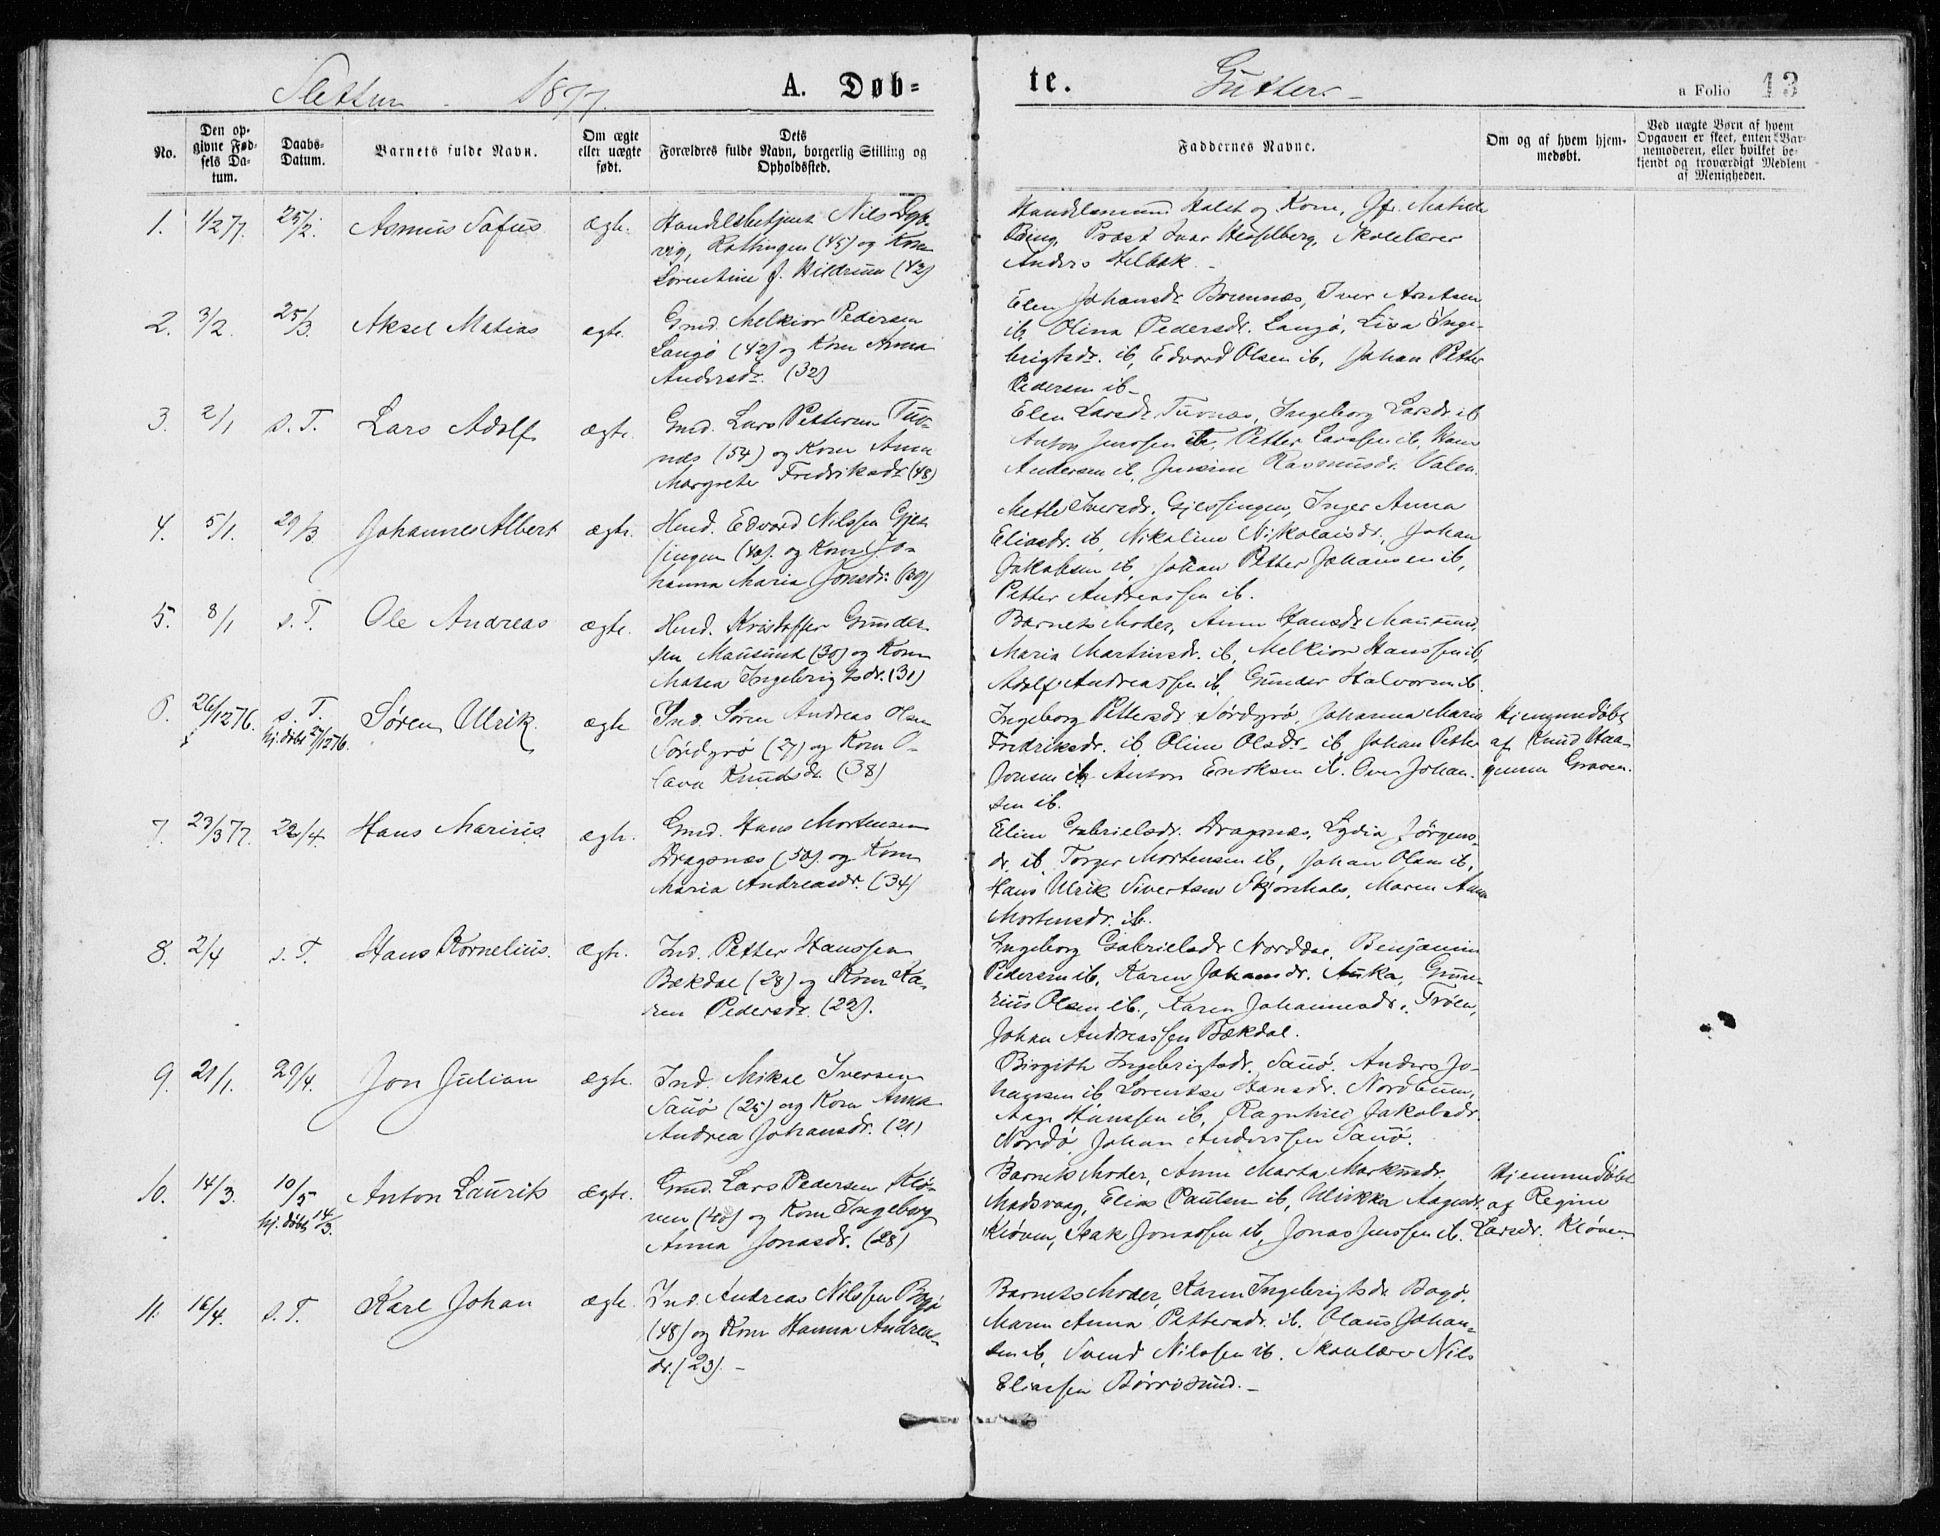 SAT, Ministerialprotokoller, klokkerbøker og fødselsregistre - Sør-Trøndelag, 640/L0577: Ministerialbok nr. 640A02, 1877-1878, s. 13